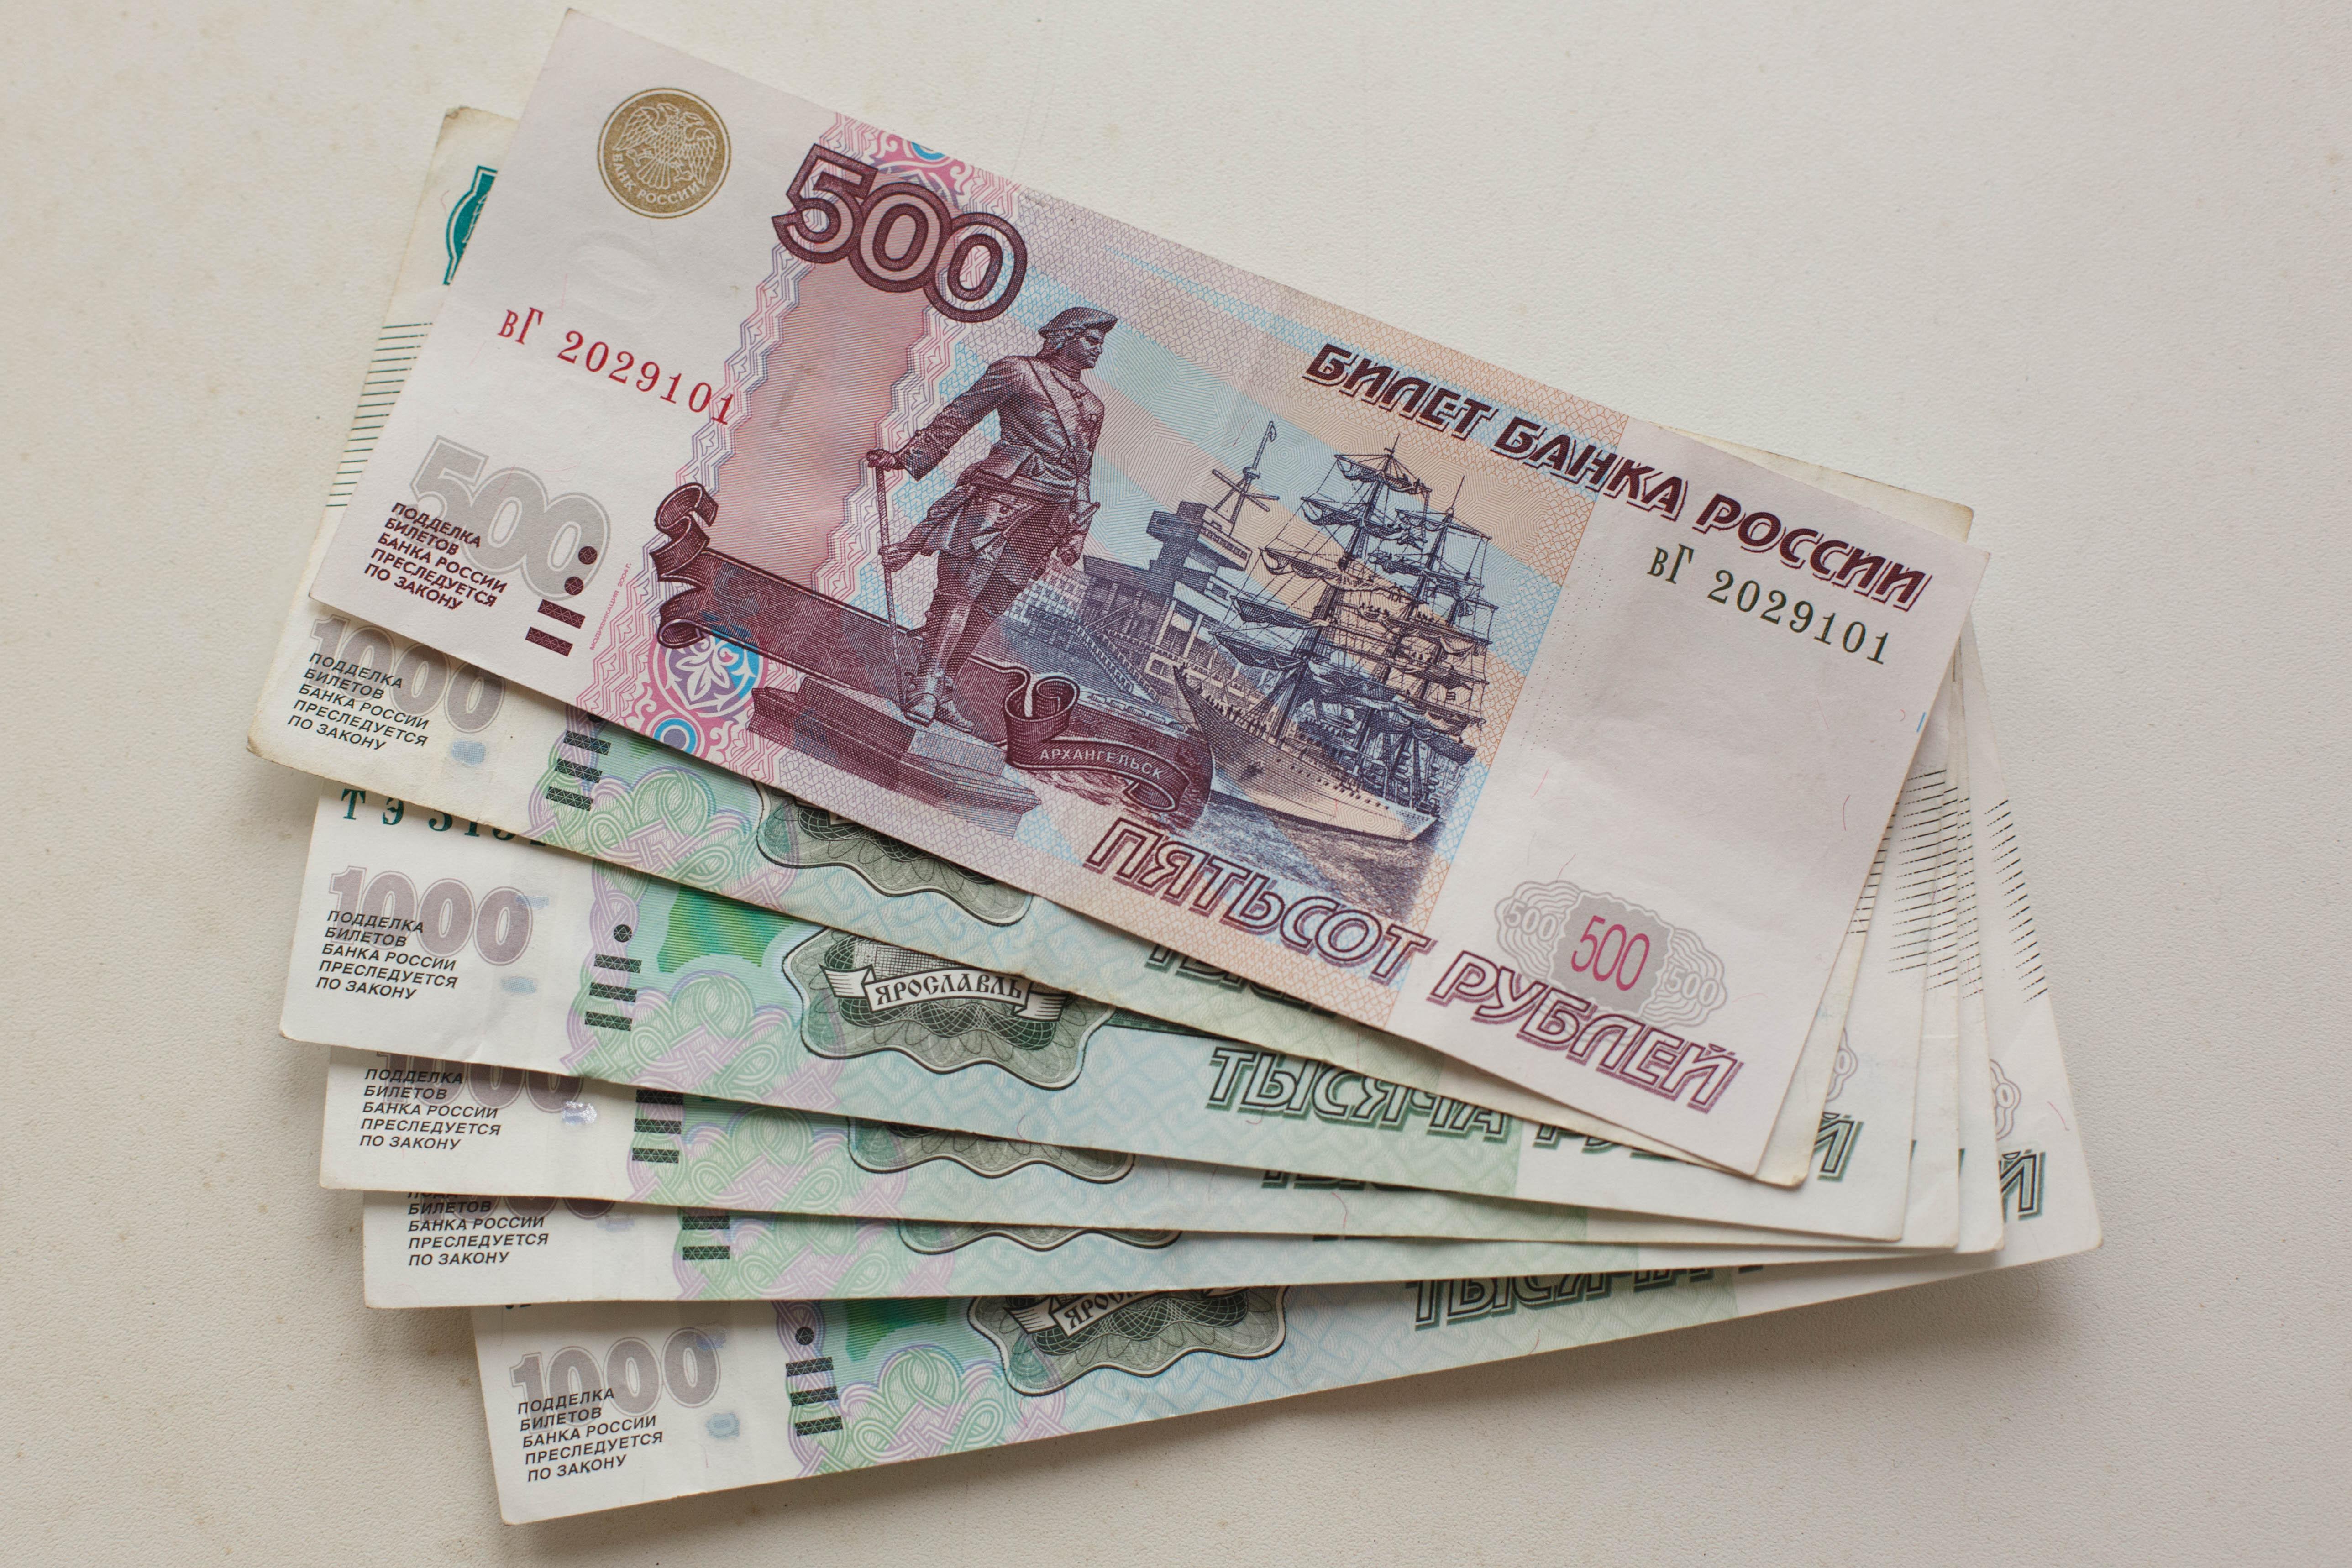 ВПетербурге страховой агент украла у компании 650 тыс., оформив себе страховку